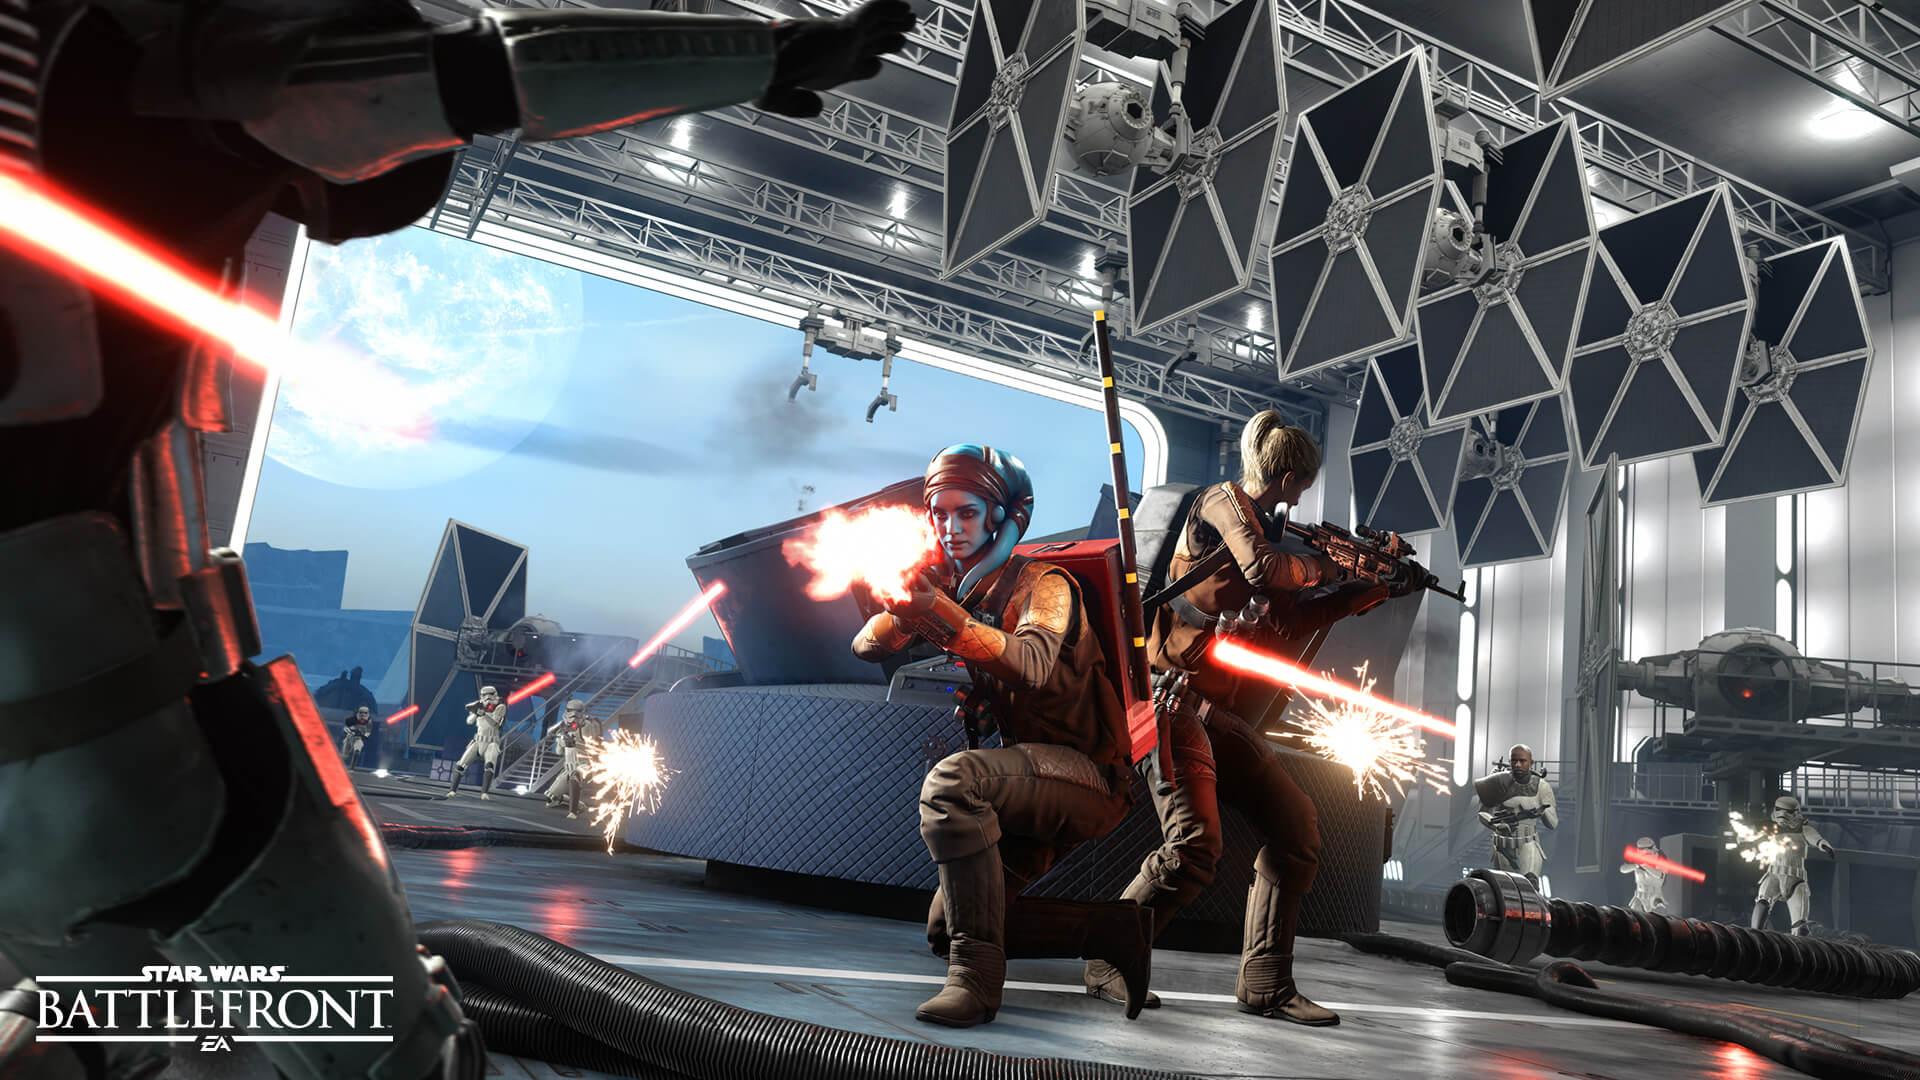 Star Wars: Battlefront – Schlacht von Jakku-DLC kostenlos – Wie steht's im Kampf Imperium gegen Allianz?